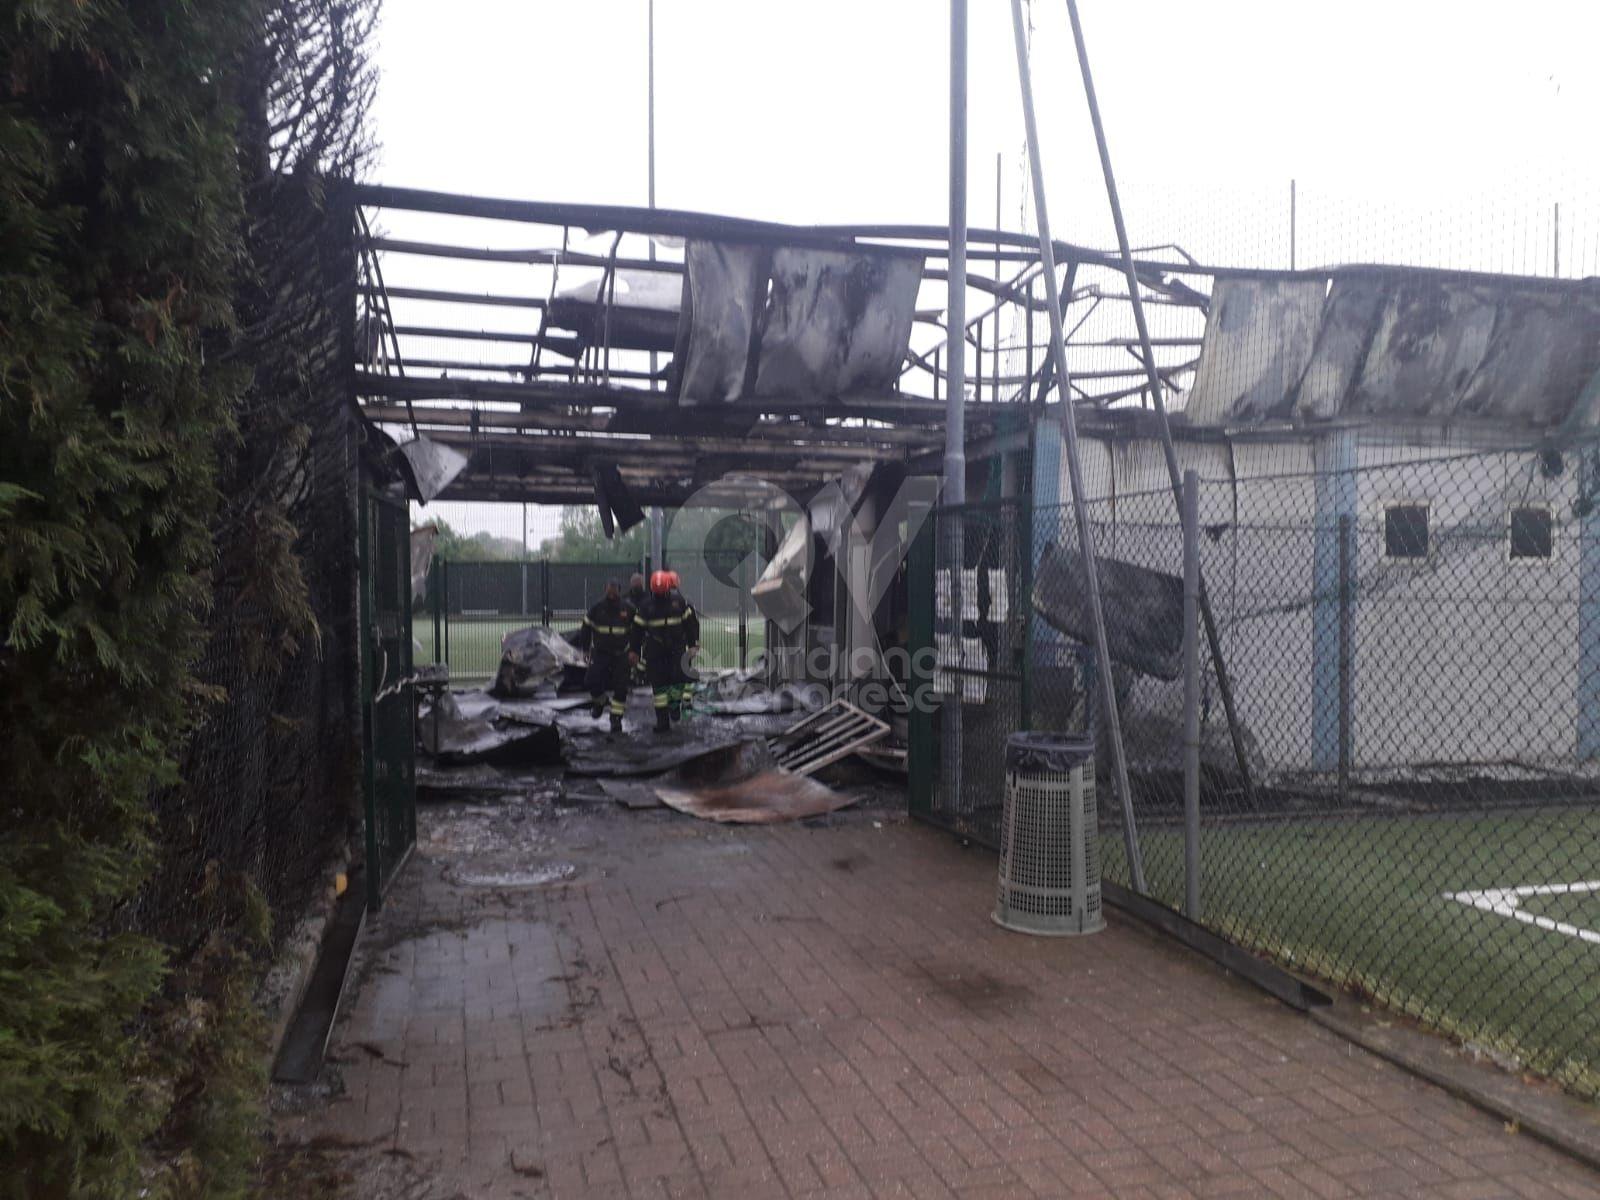 VENARIA - Dopo l'incendio, conta dei danni allo Sport Club: danneggiati spogliatoi e uffici